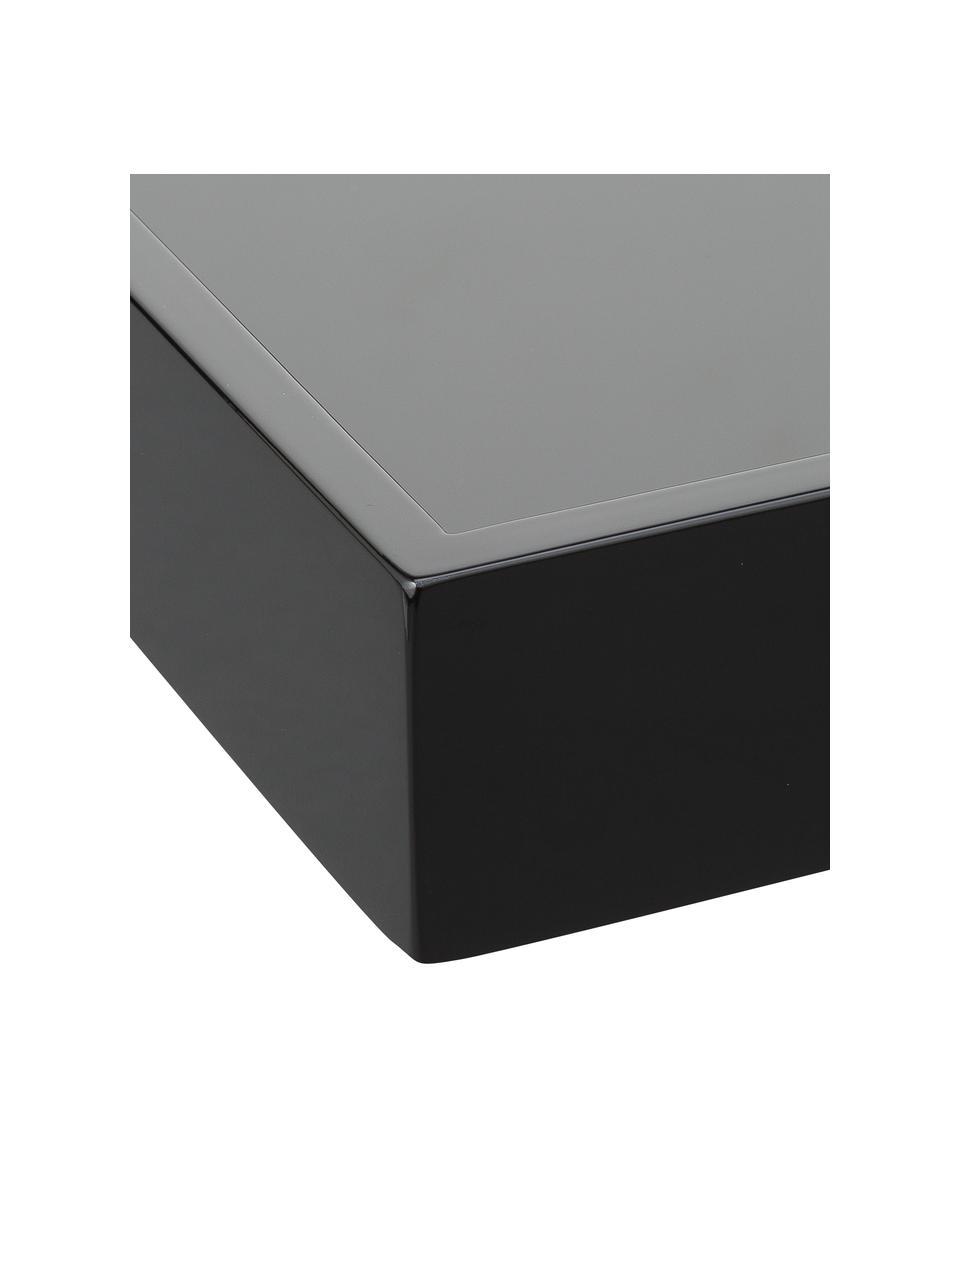 Vysoce lesklý tác Hayley, různé velikosti, Černá Spodní strana: černá